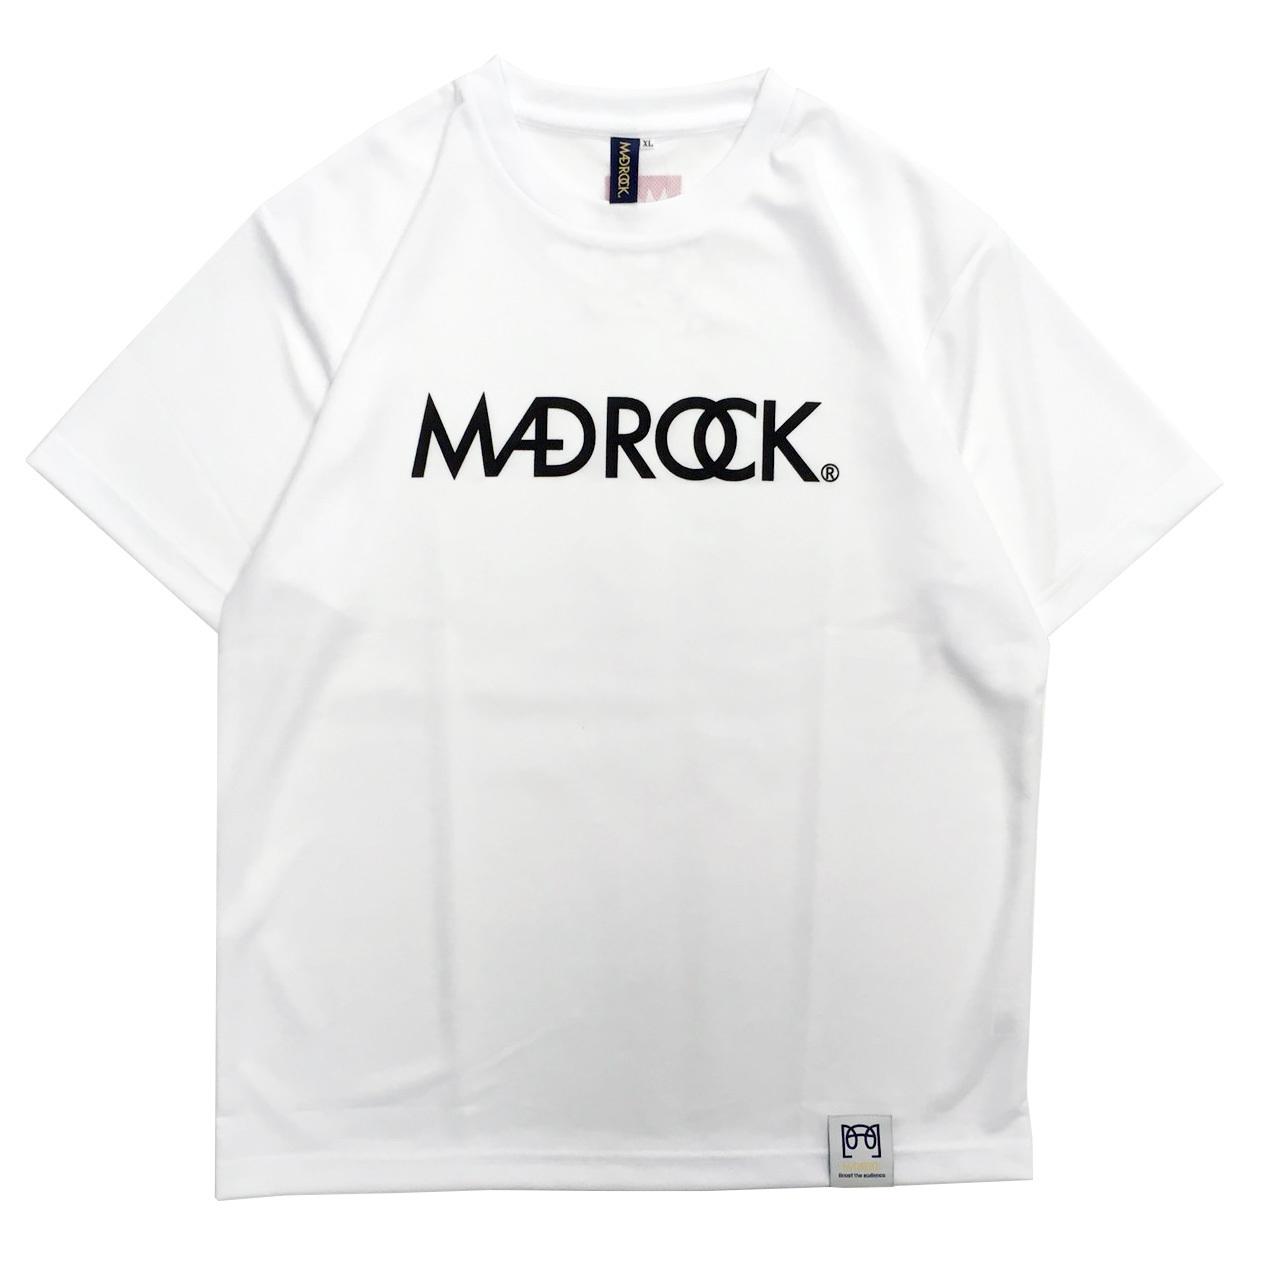 【再入荷】マッドロックロゴ Tシャツ/ドライタイプ/ホワイト